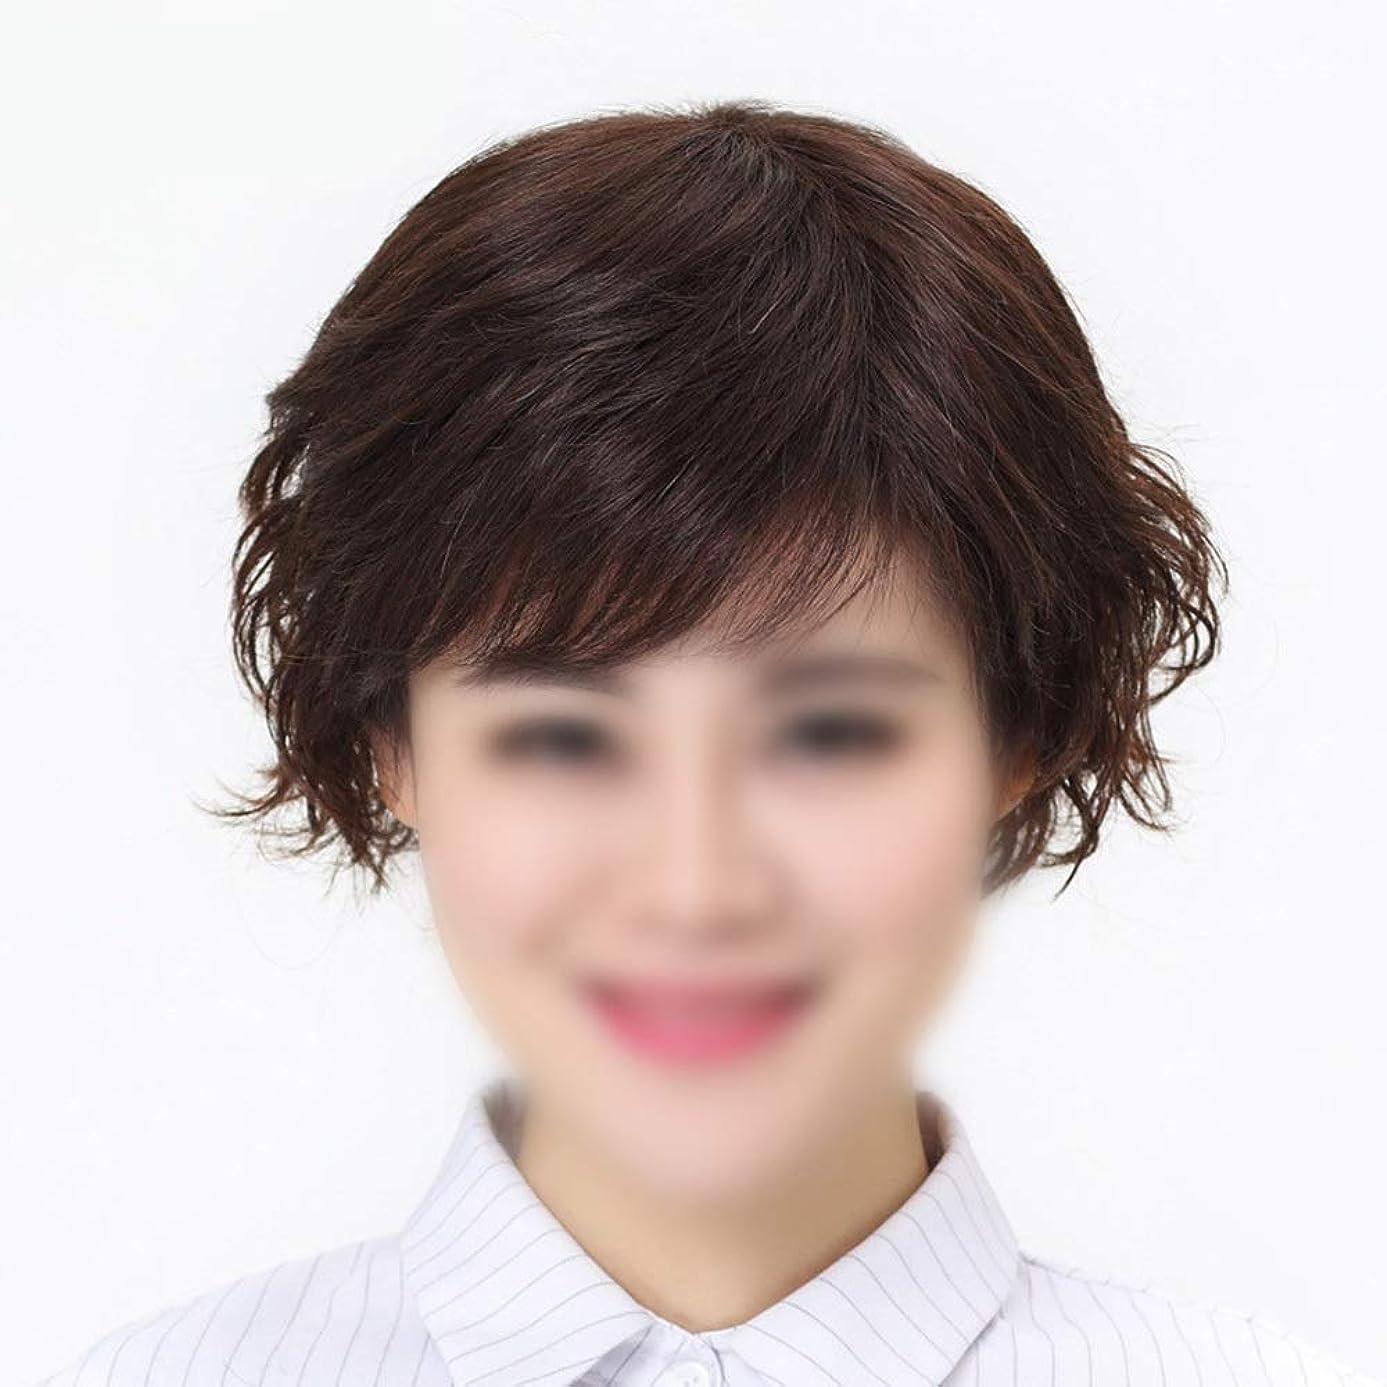 バーガー欲望医師BOBIDYEE 本物のバージンの人間の毛髪の前髪付き人間の髪の毛の有名人のかつら女性のファッションかつらの短いスタイリッシュなかつら (色 : Dark brown, サイズ : Mechanism)